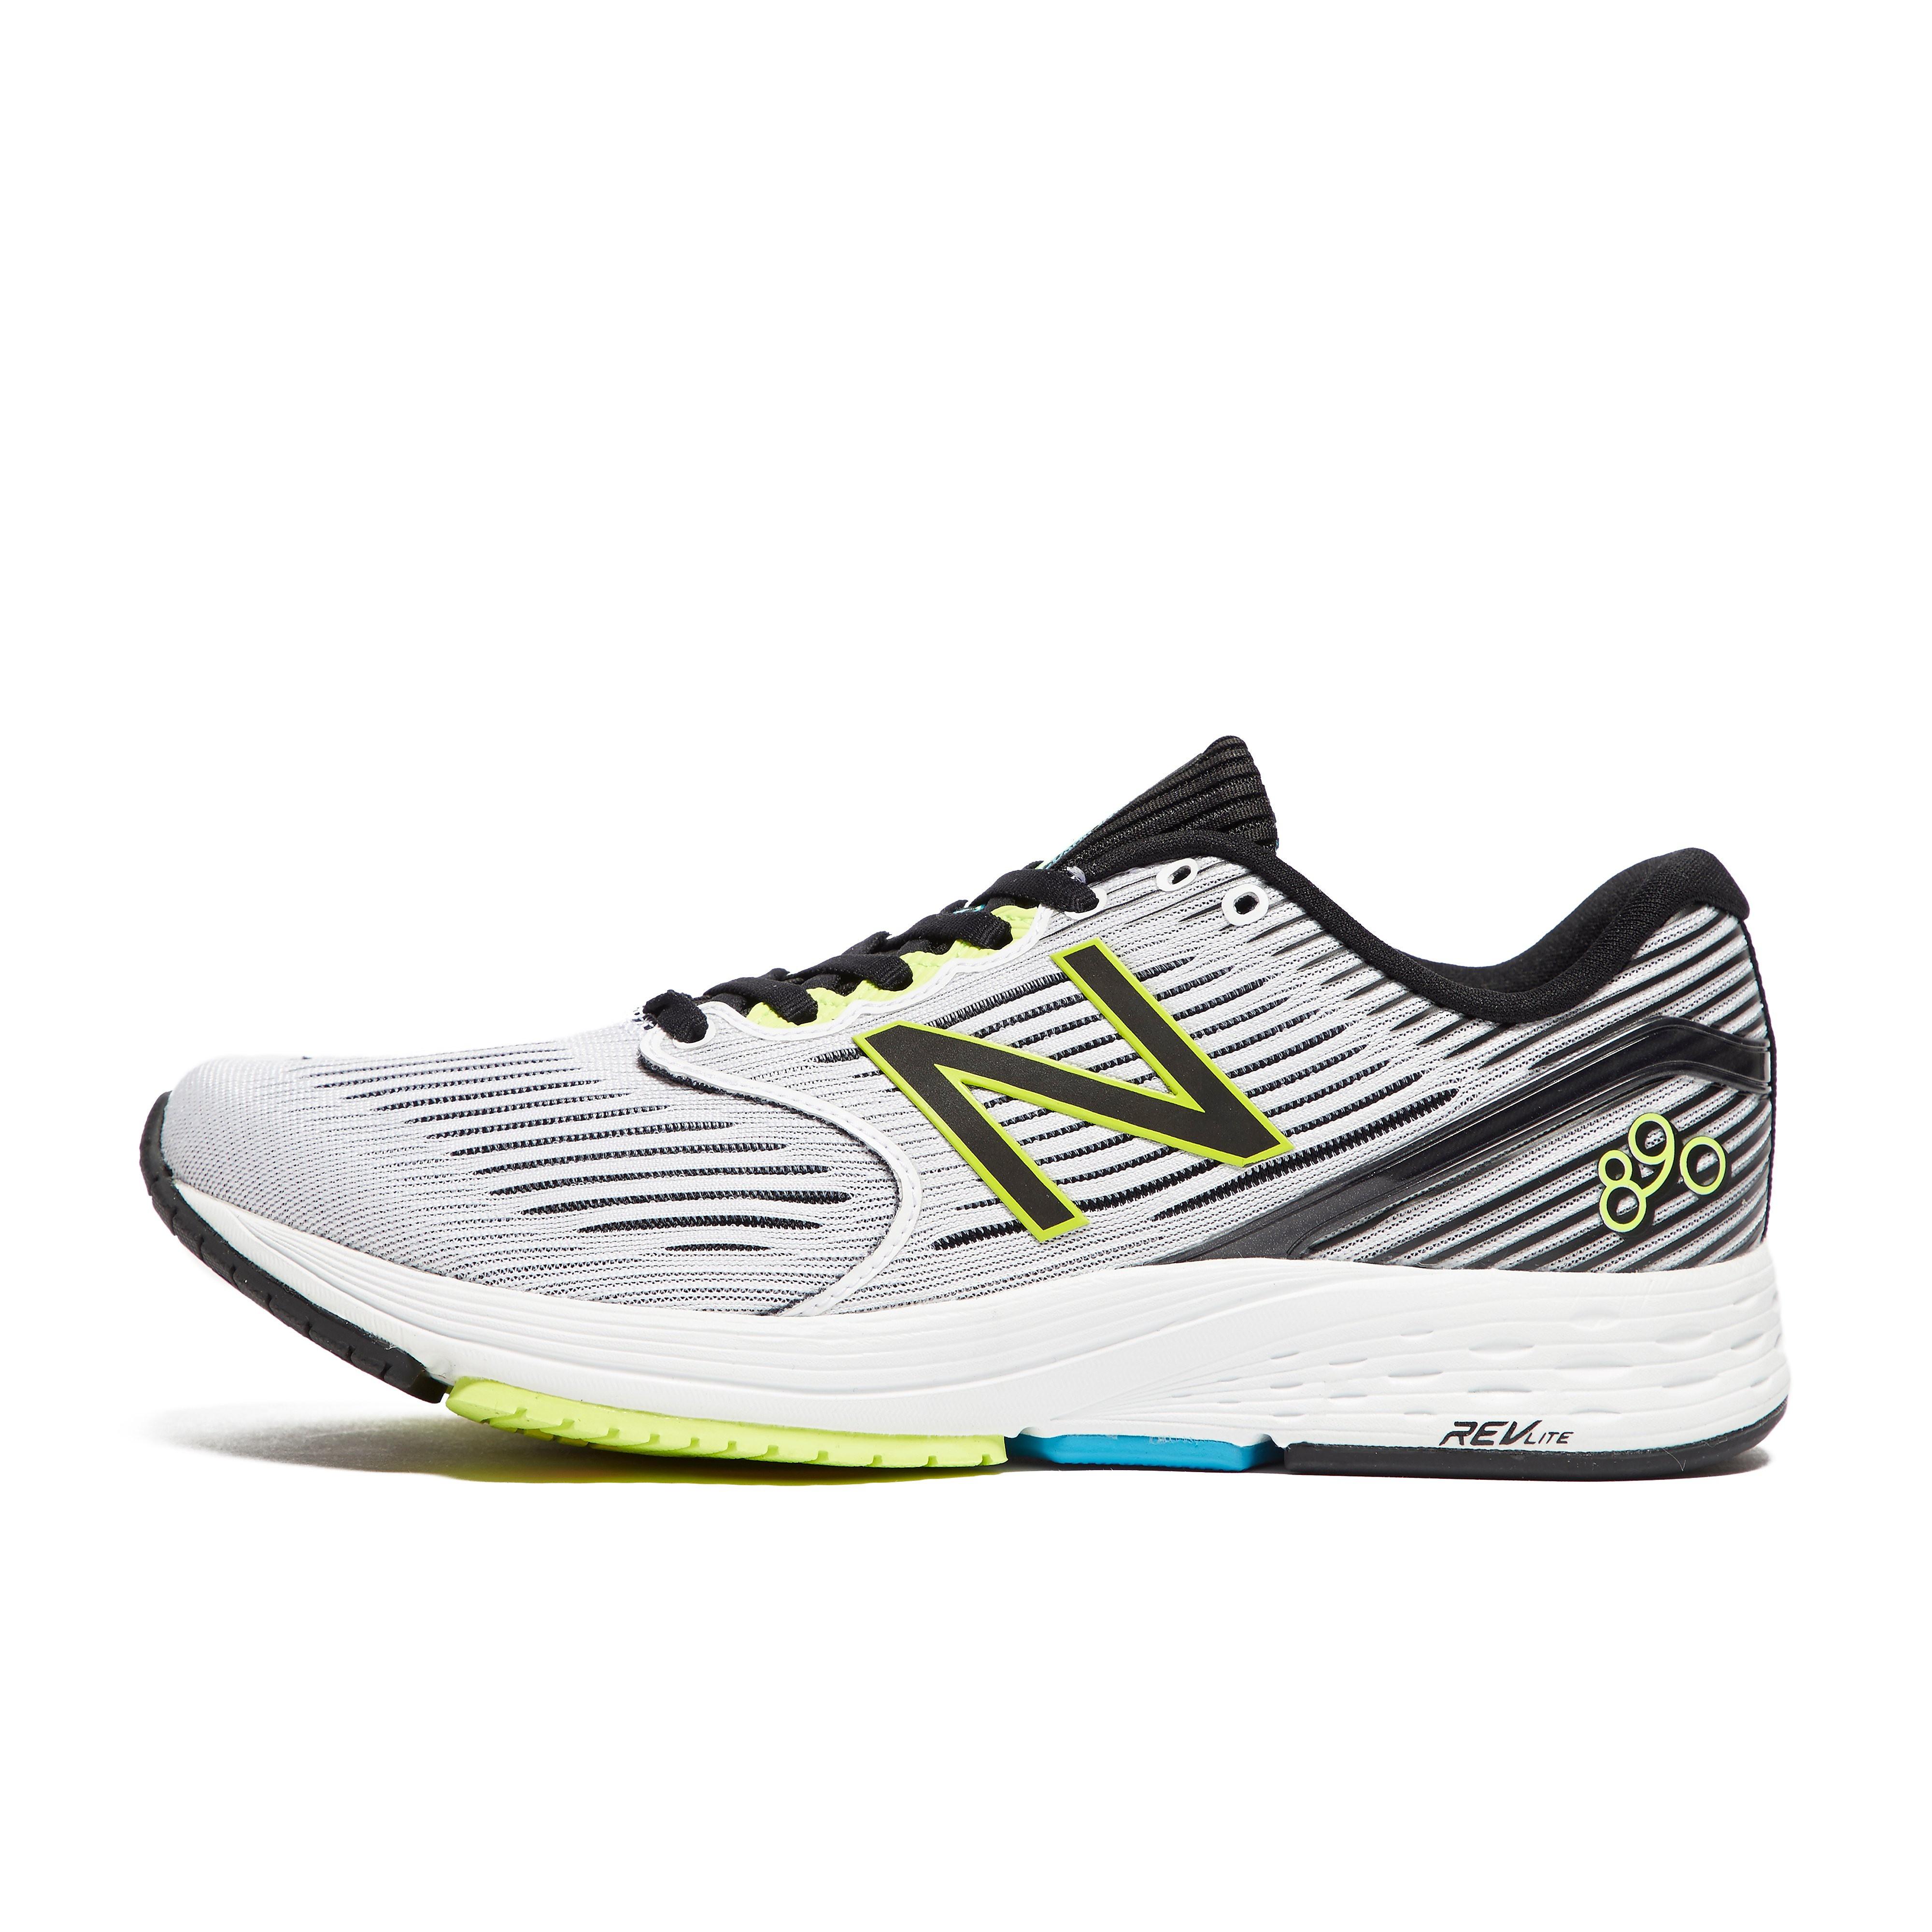 Mens White New Balance 890v6 running shoes